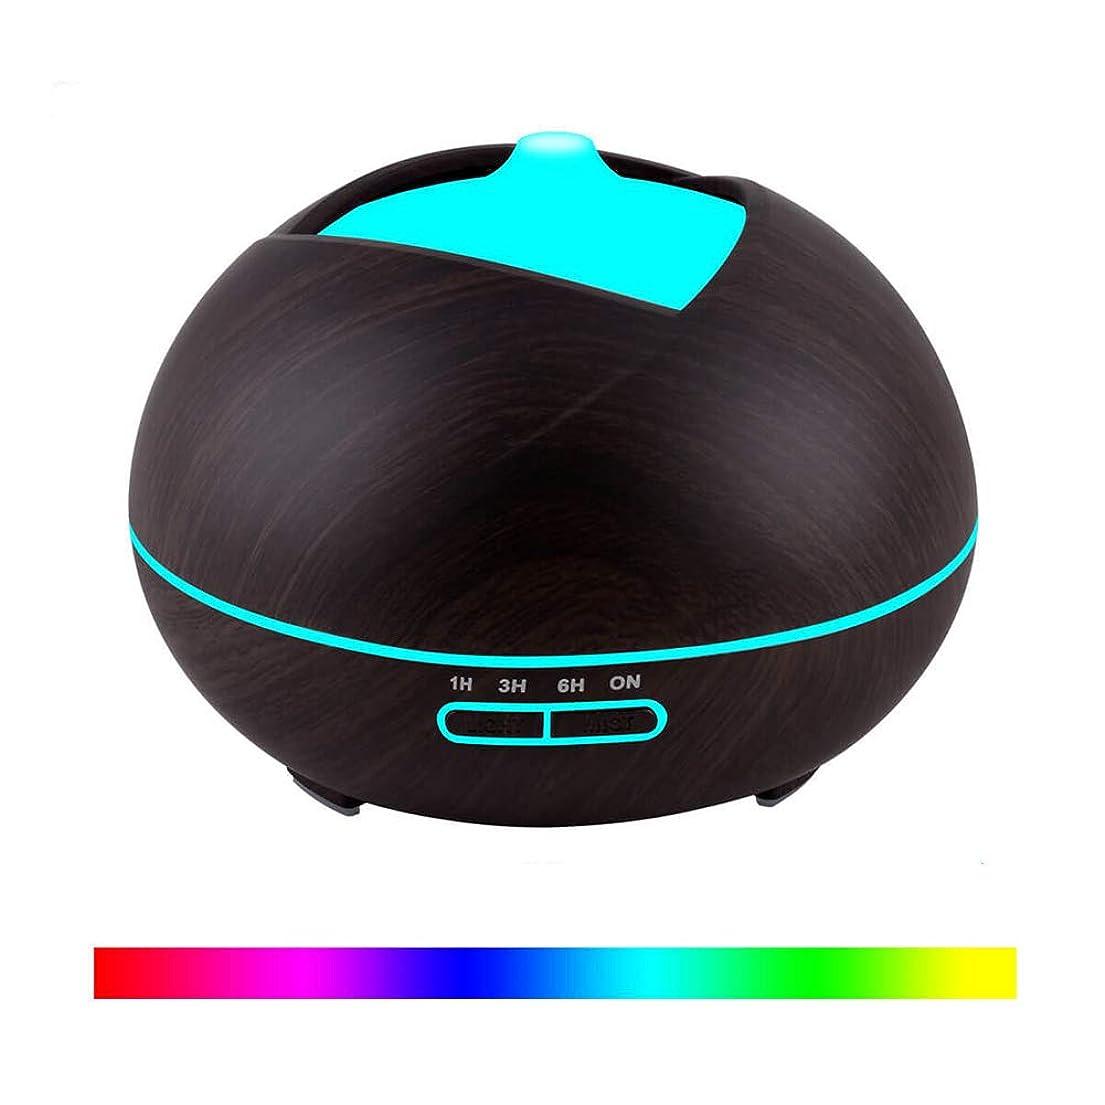 盲信クローゼットタフ超音波エッセンシャルオイルディフューザー、300mlアロマテラピーアロマテラピーオイルディフューザーエバポレーター加湿器、3タイマー、7色フレグランスランプ、ウォーターフリー自動閉,Darkwoodgrain